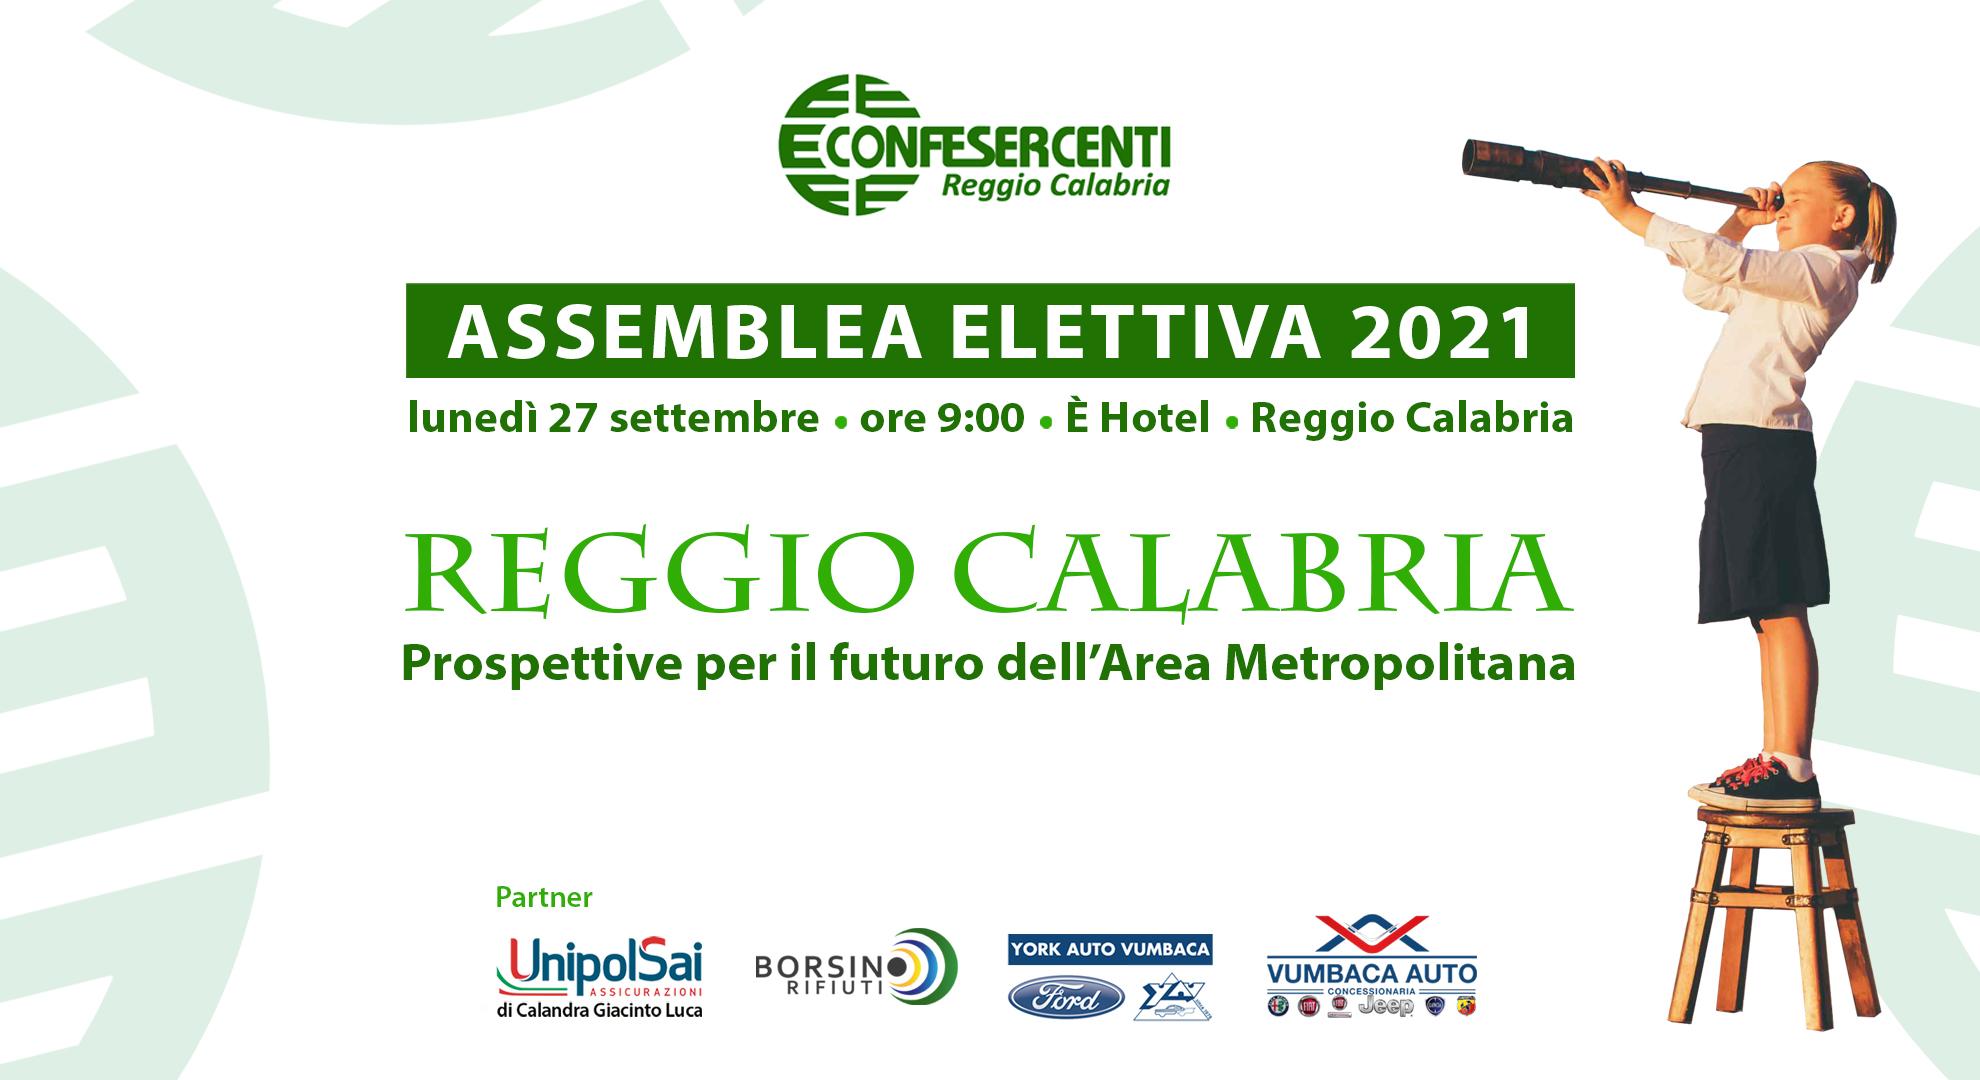 """Confesercenti Calabria, Assemblea Elettiva 2021: """"Prospettive per il futuro dell'Area Metropolitana"""""""